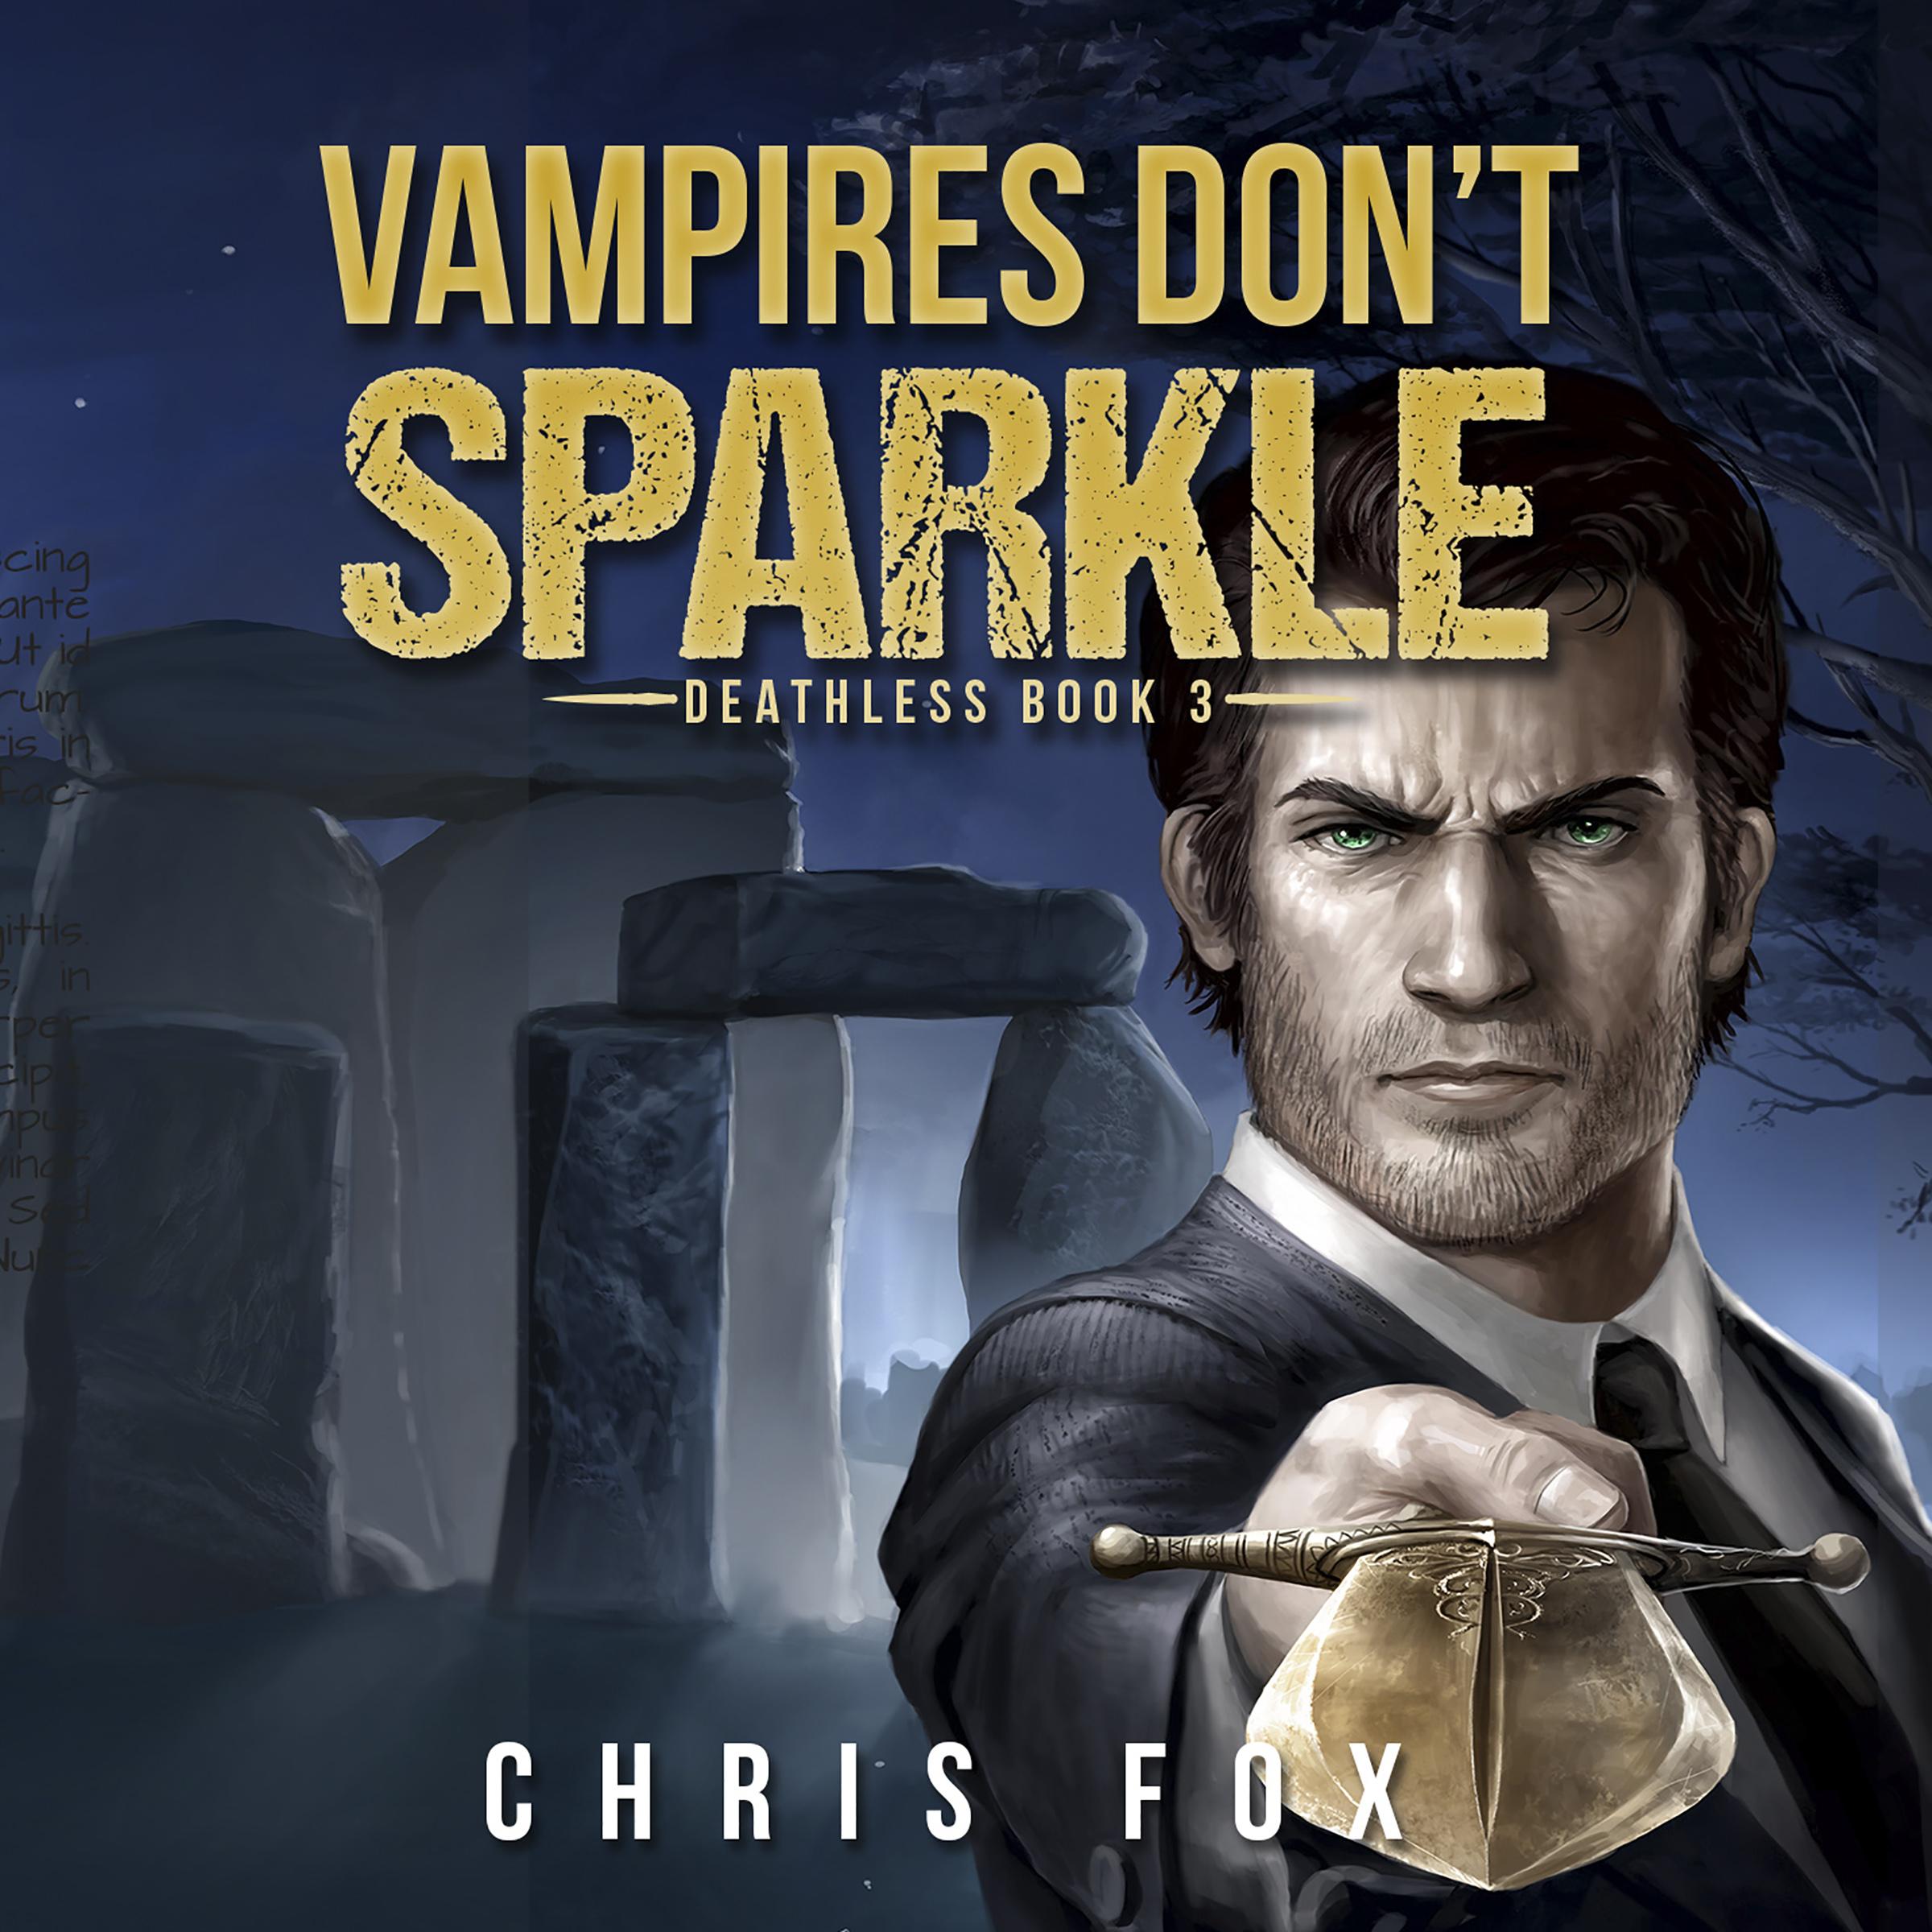 VampiresDon'tSparkle_2400x2400_audiobook